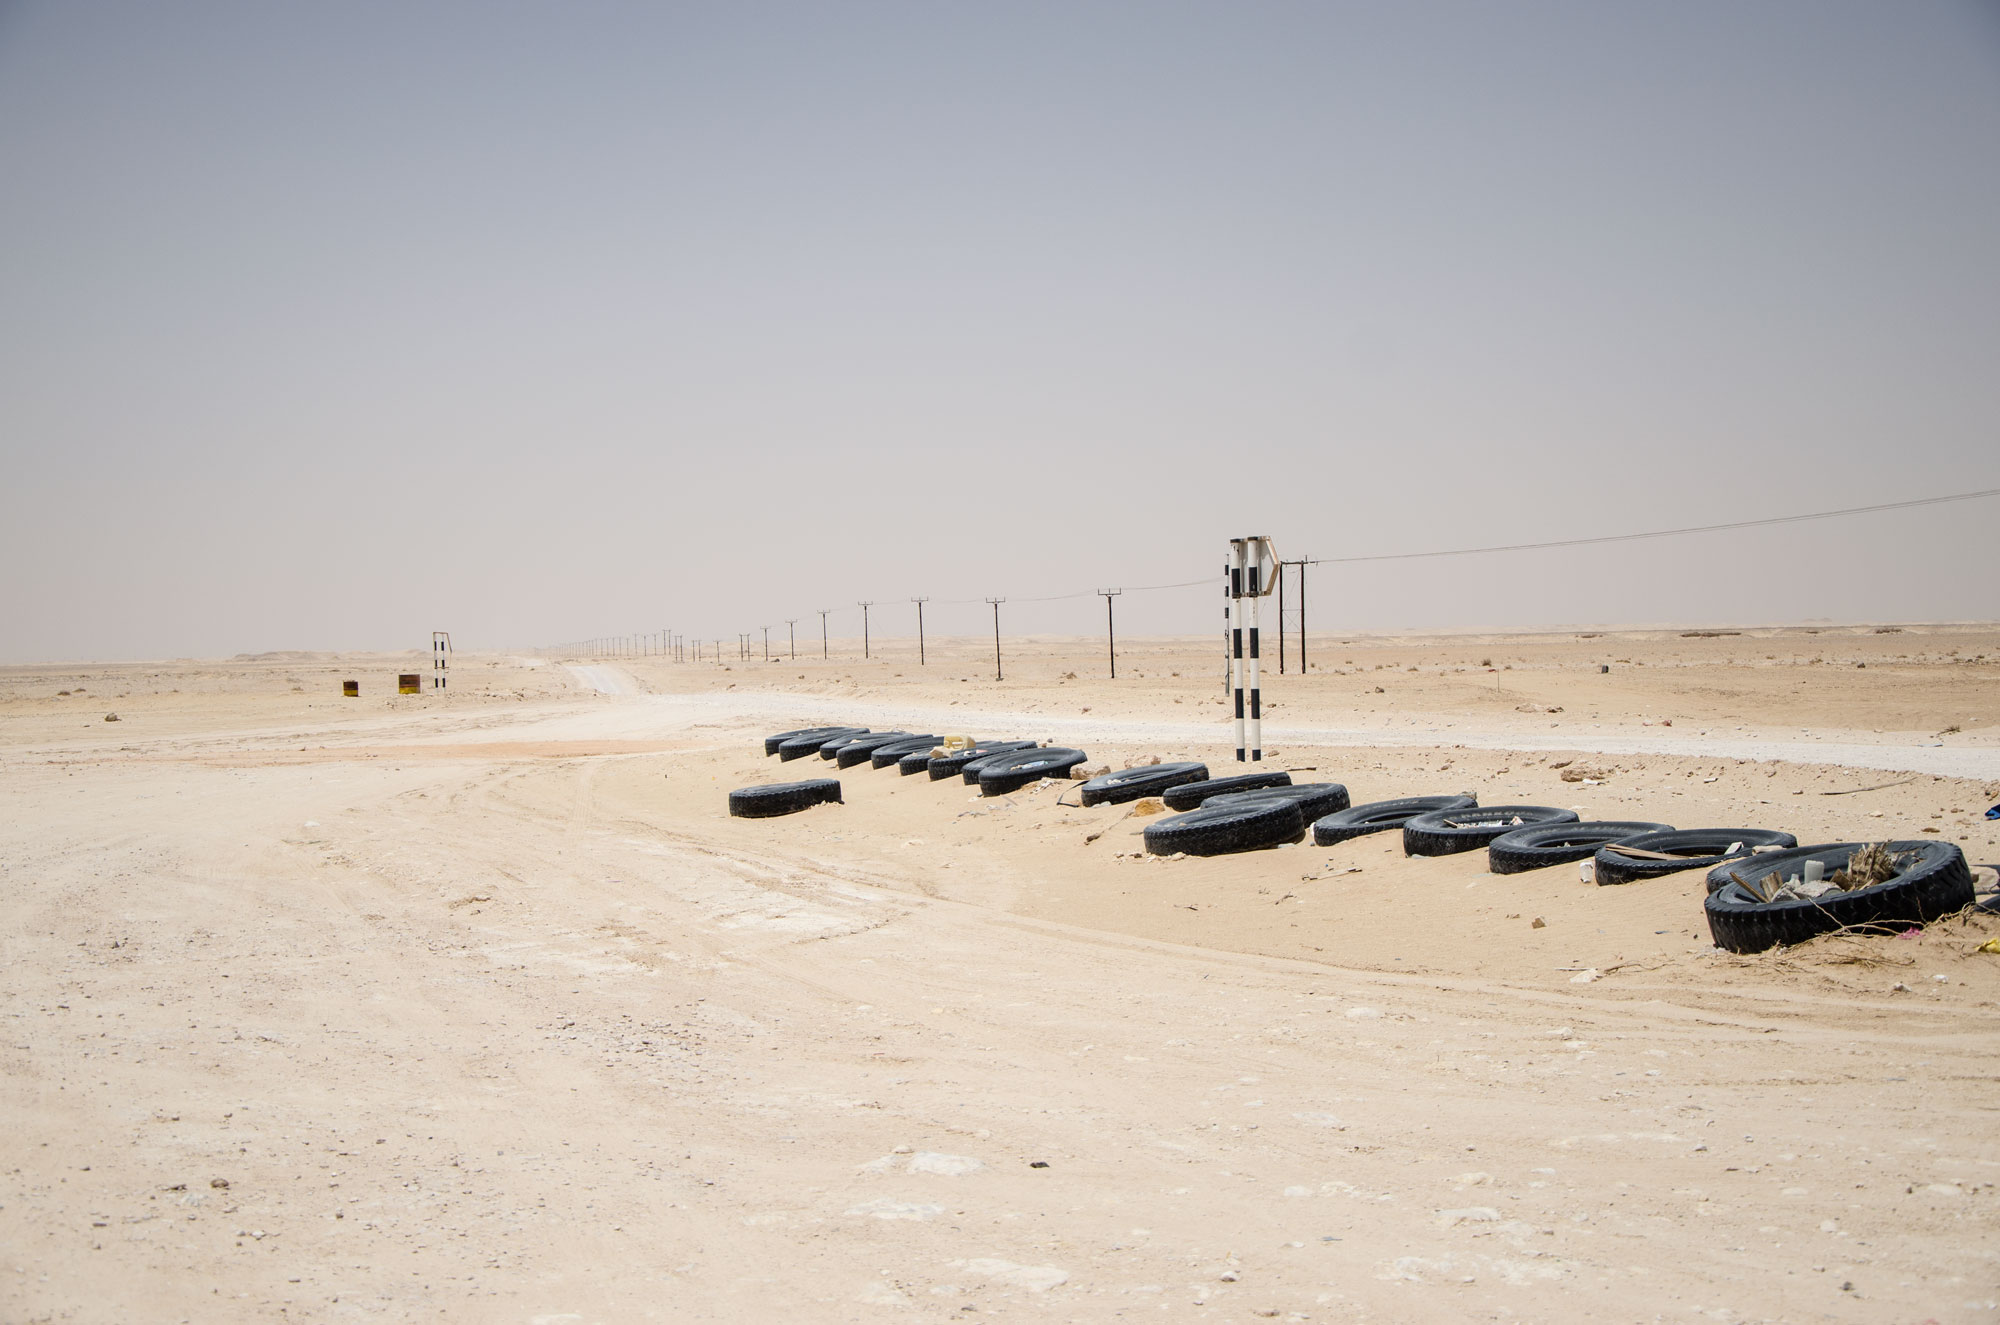 Am Rande der Rub' Al-Khali, der großen arabischen Sandwüste, gibt es kaum noch asphaltierte Straßen, sondern großteils nur noch Sandpisten. Foto: Lothar Ruttner